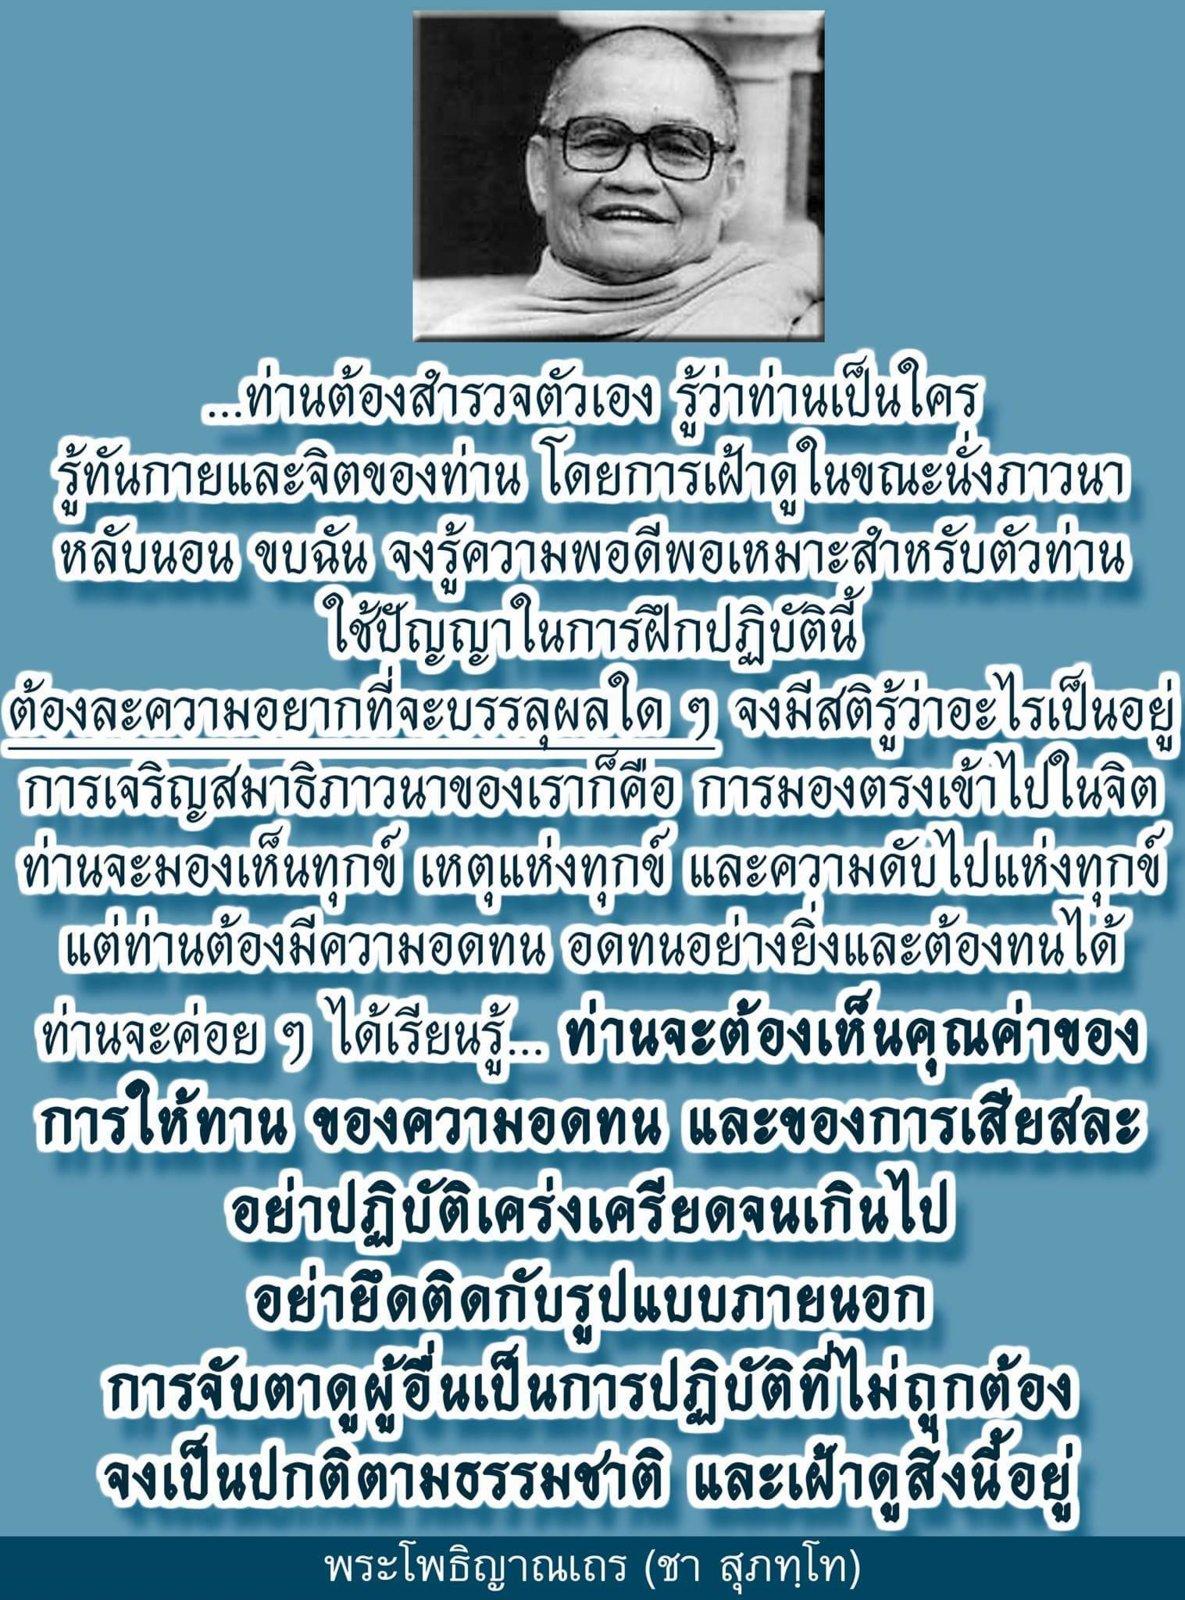 FB_IMG_1550682114320.jpg